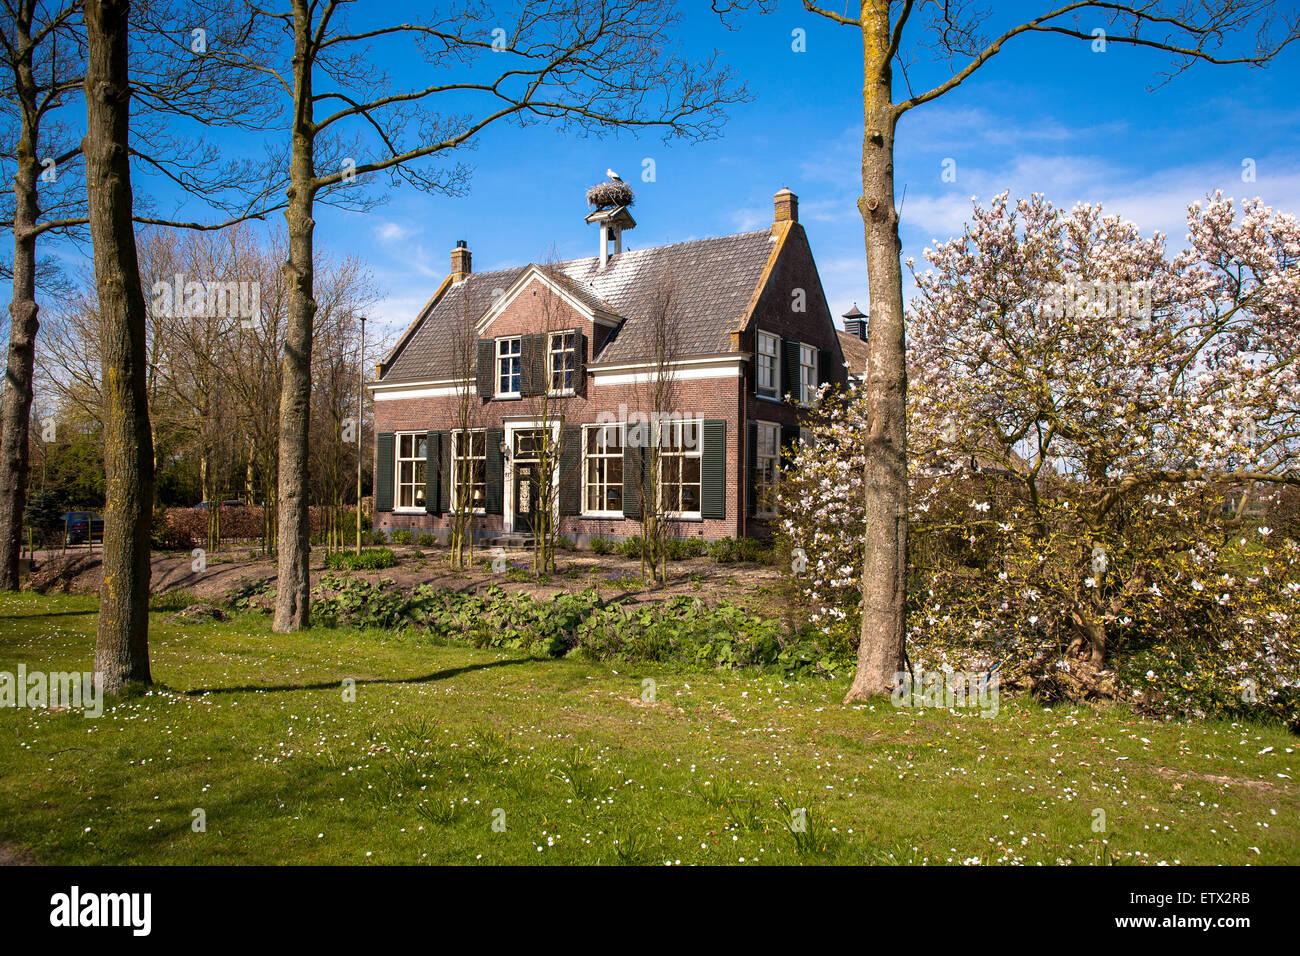 NLD, Niederlande, Gelderland, Haus mit Störche nisten in Rossum am Rhein.  NLD, Niederlande, Gelderland, Haus Stockbild